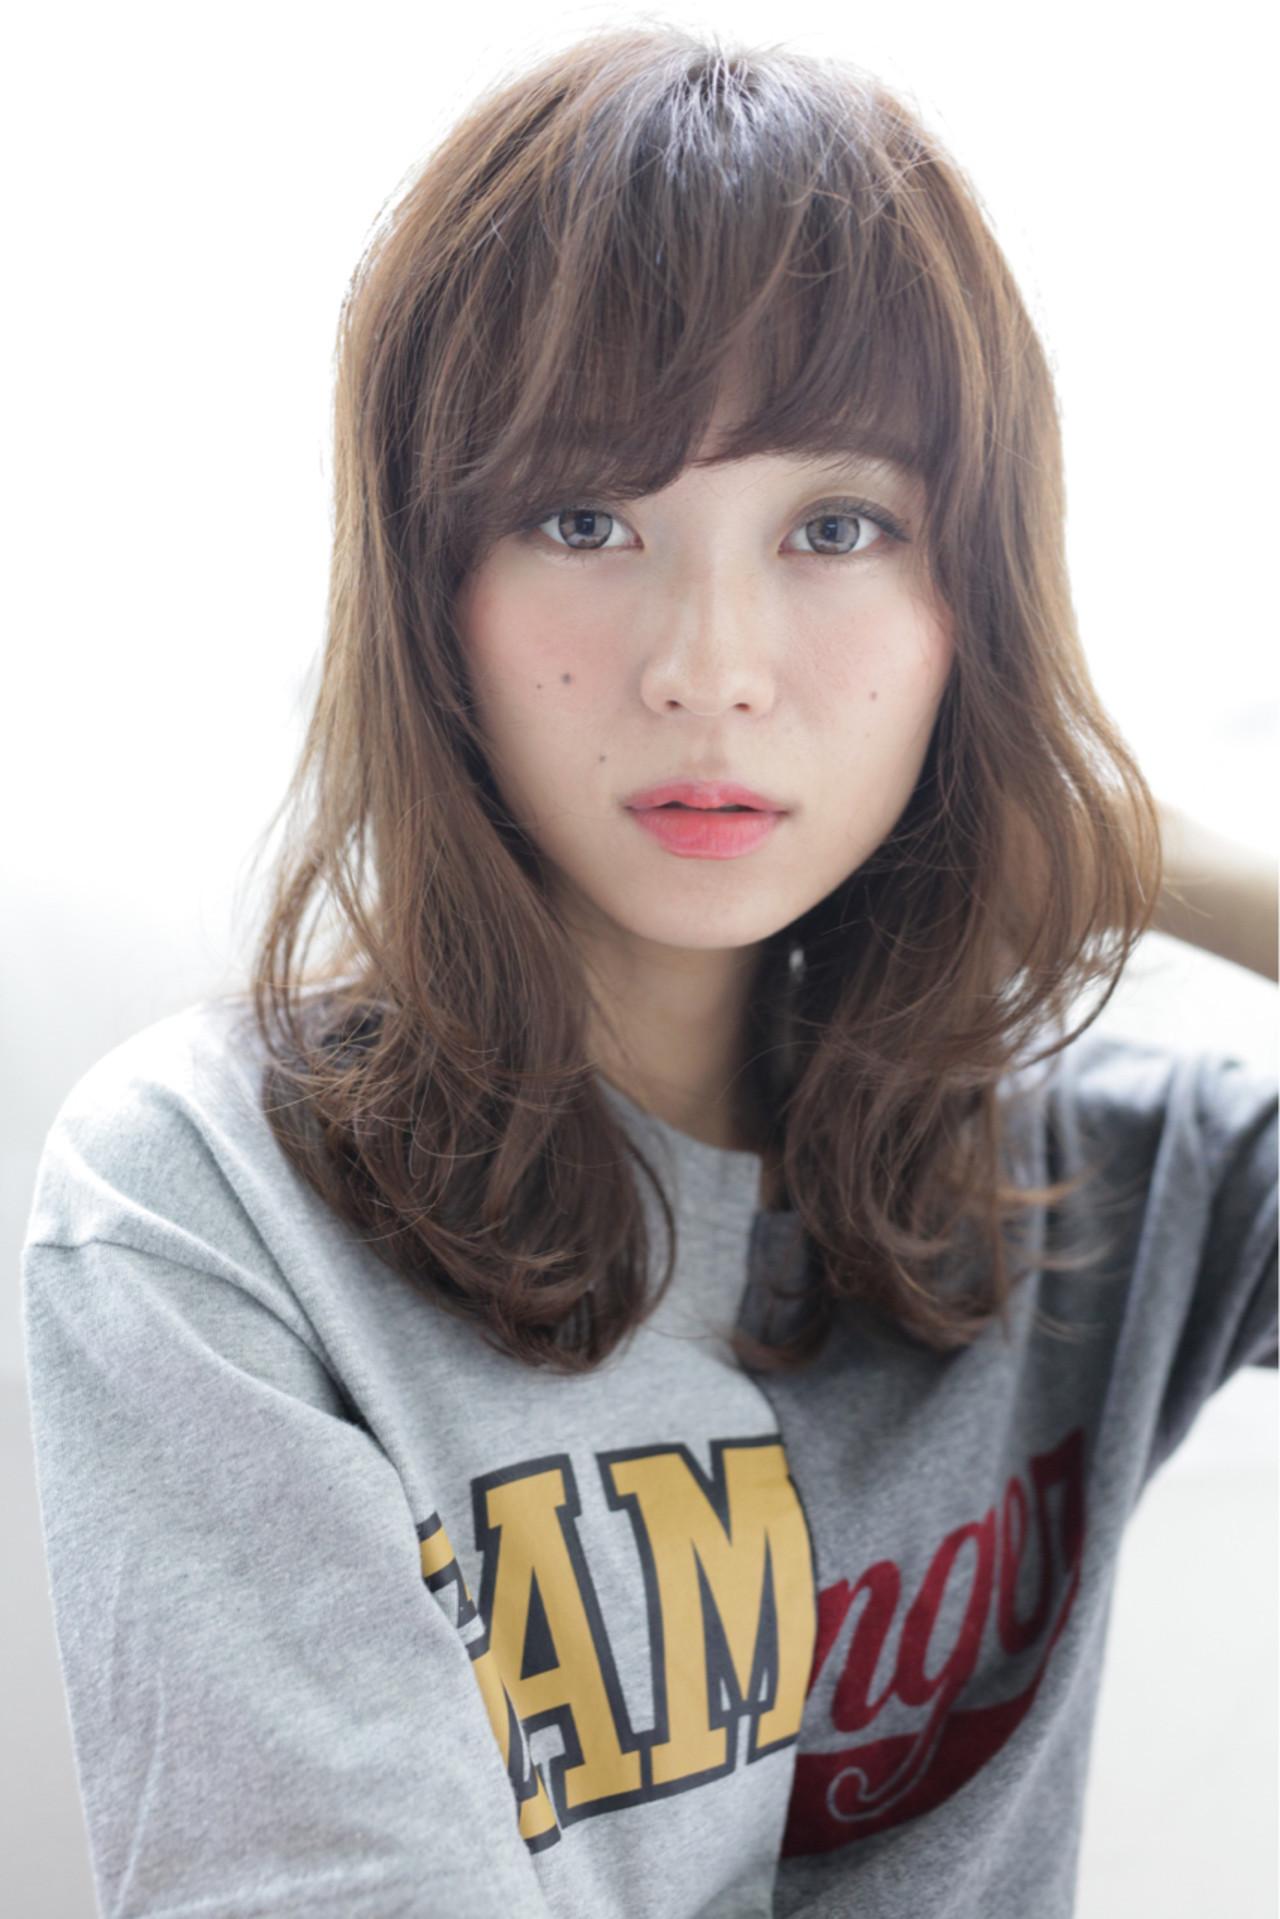 パーマ ミディアム 重めバング デジタルパーマ ヘアスタイルや髪型の写真・画像